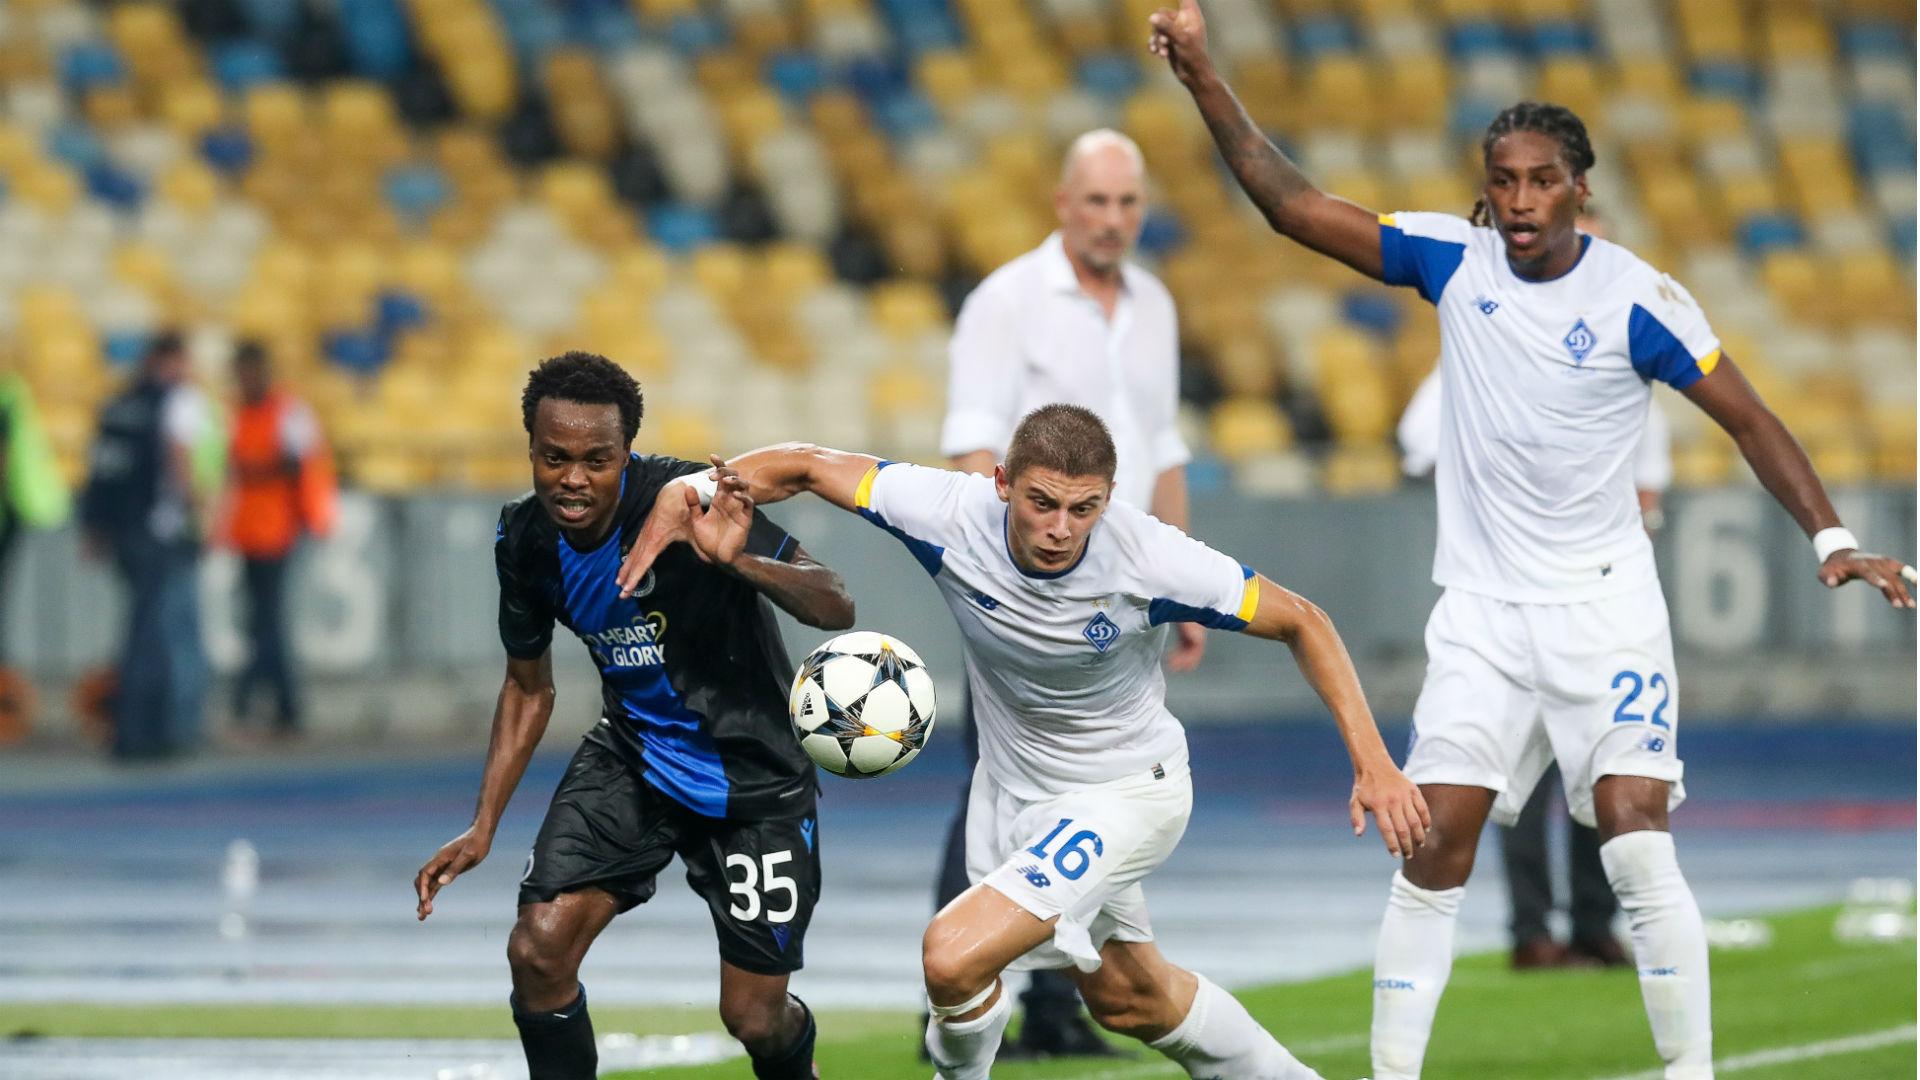 Tau grabs assist as Royal Antwerp end Club Brugge's 13-game unbeaten run